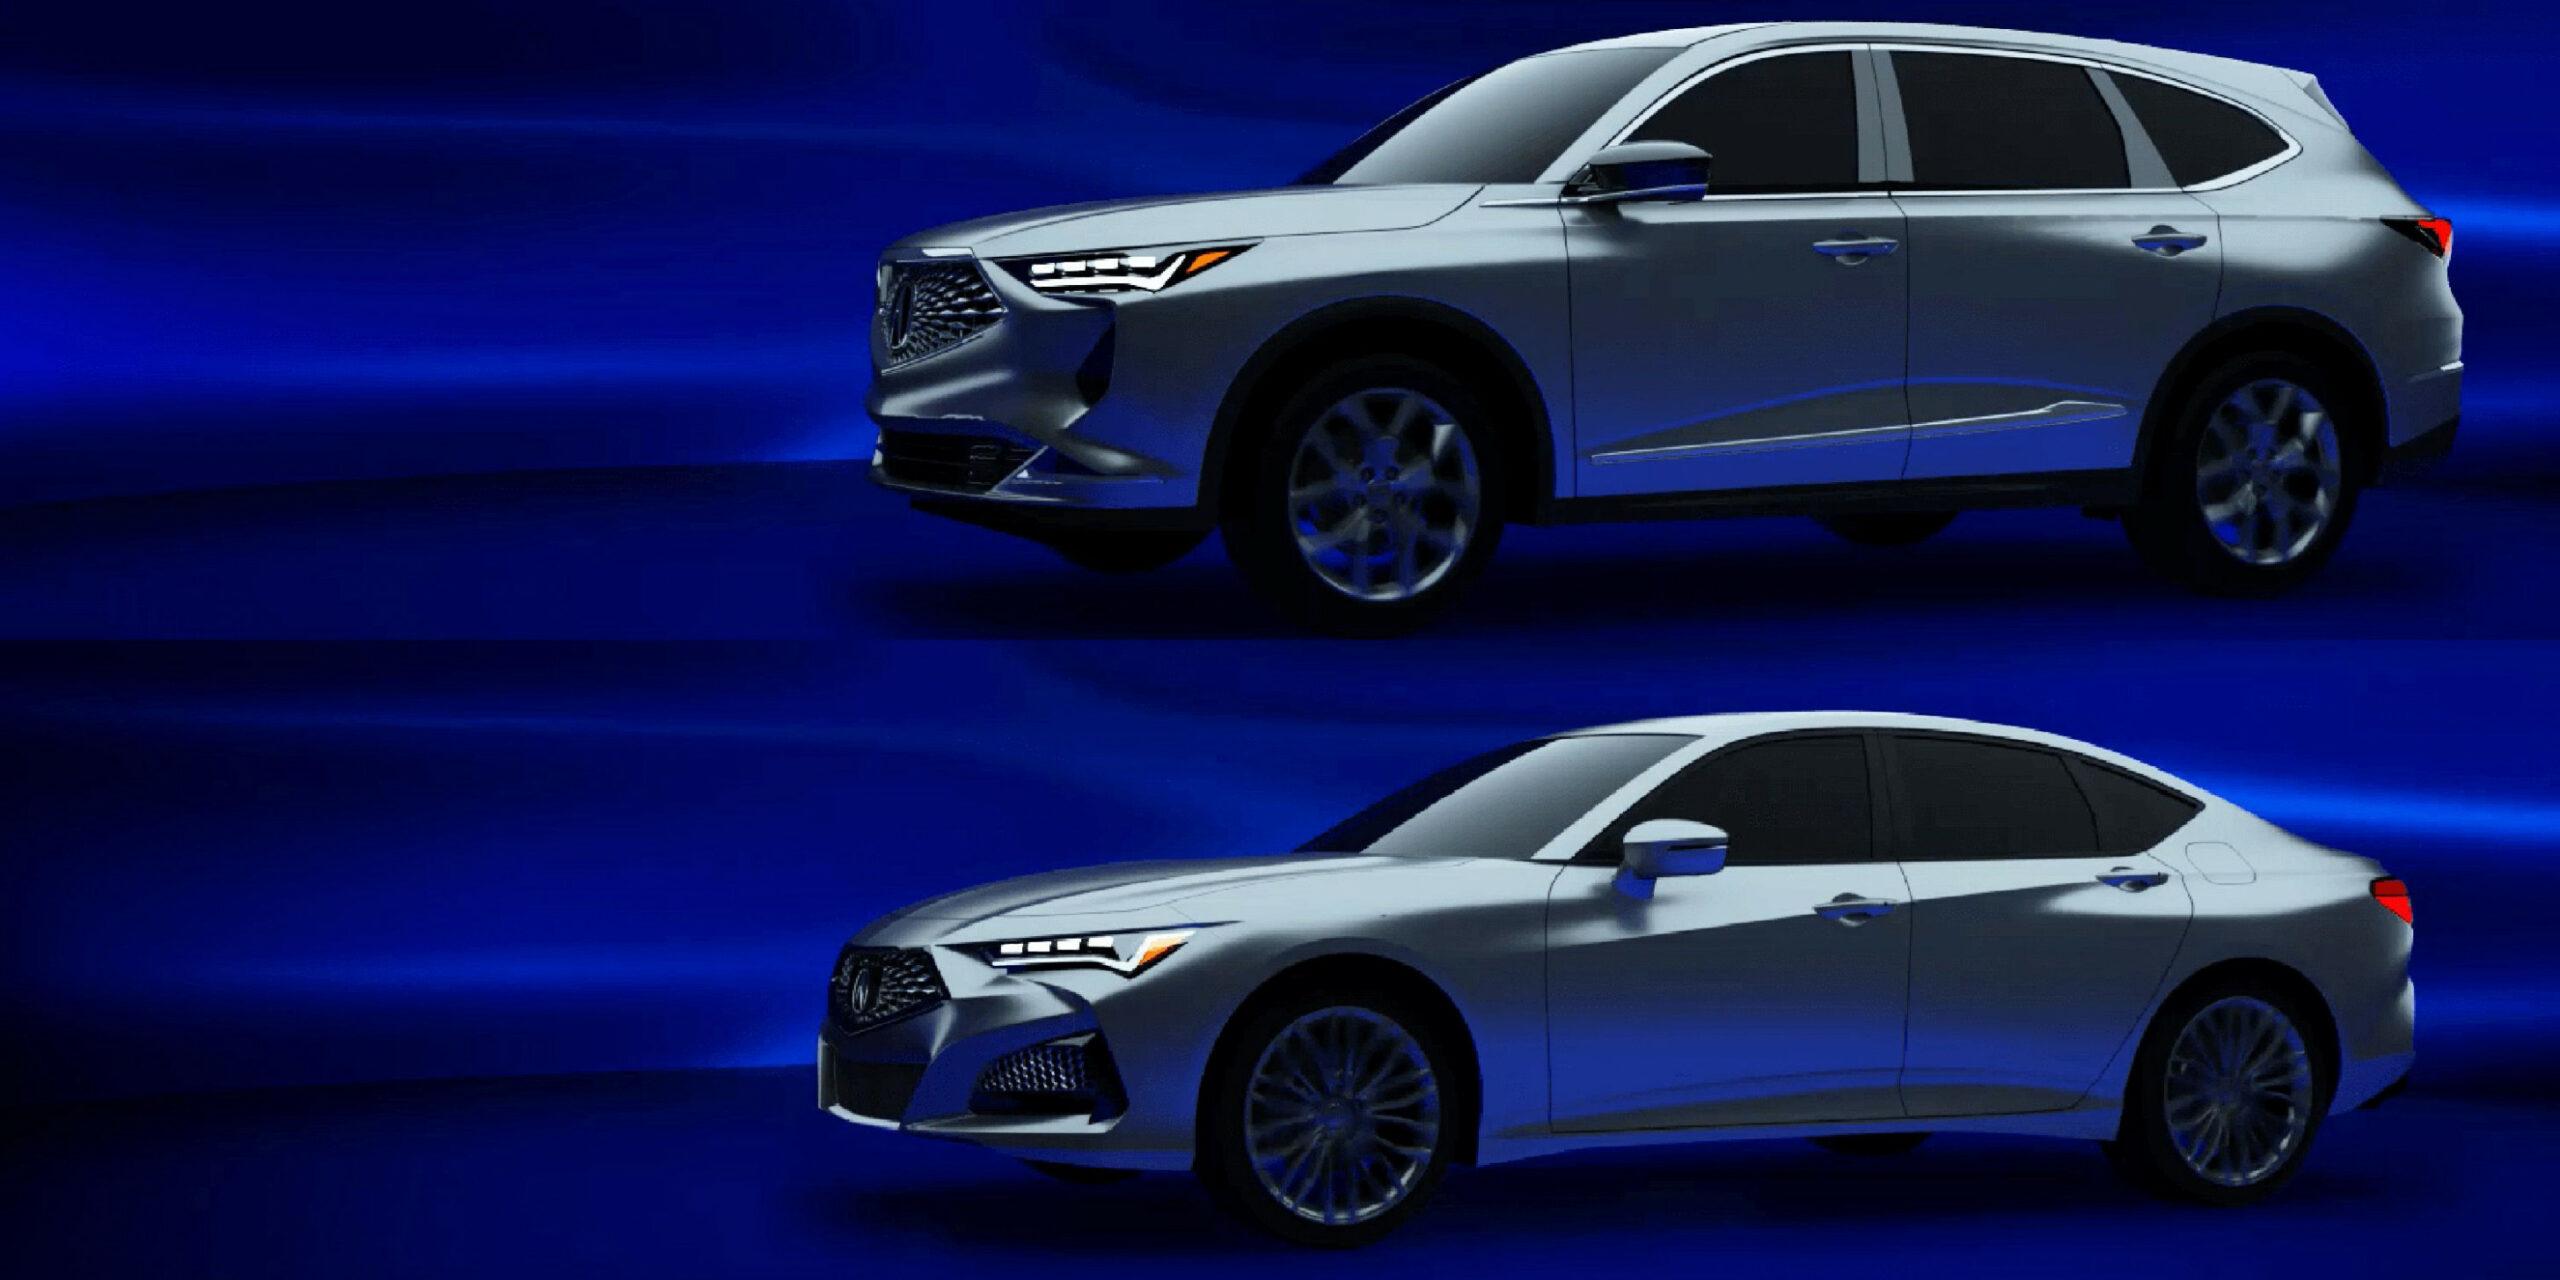 Release Acura Mdx 2022 Rumors